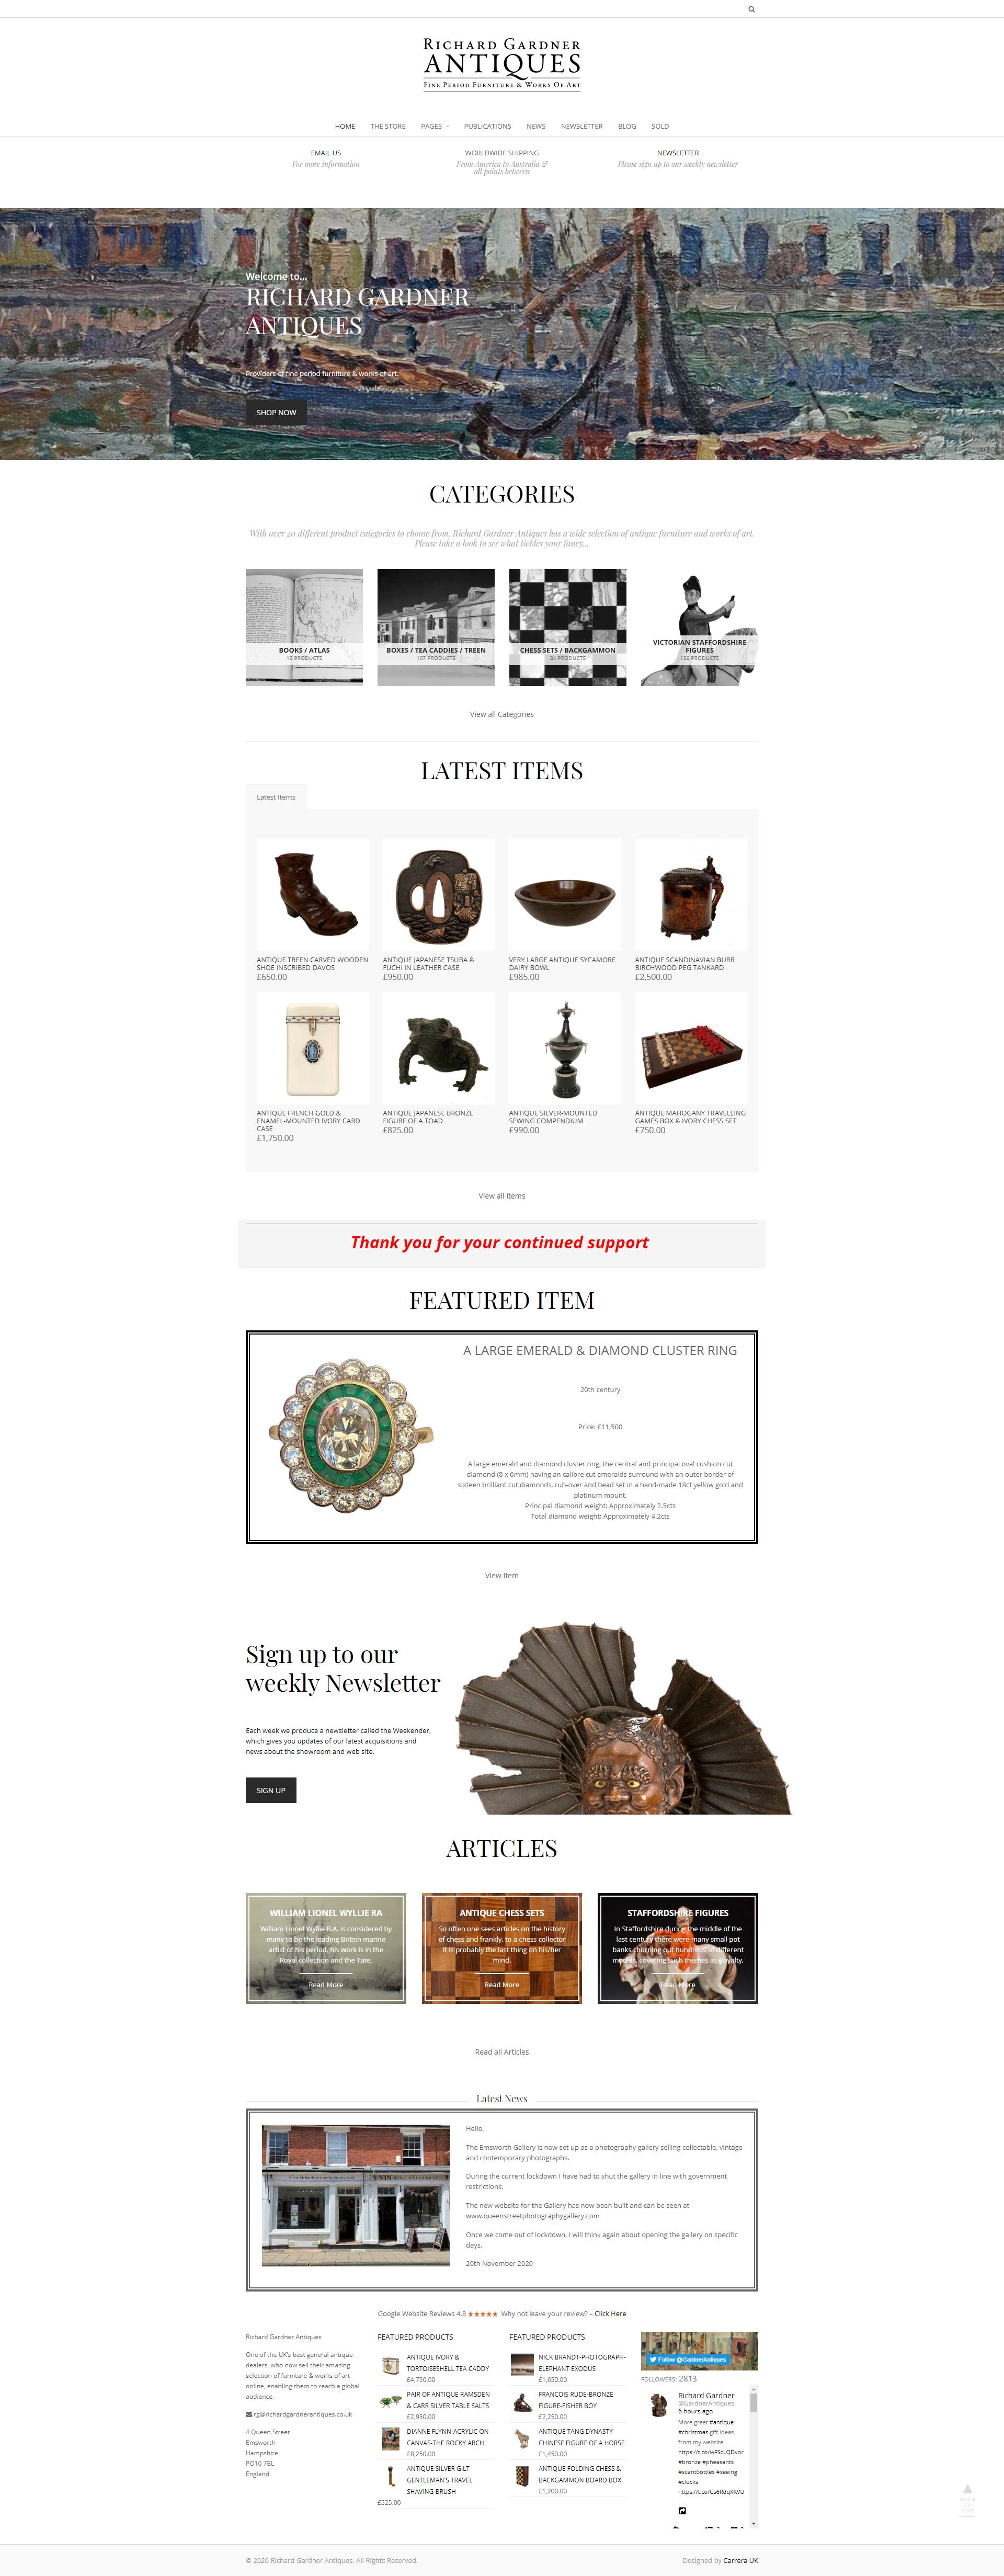 Richard Gardner Antiques Website Designed by Carrera UK